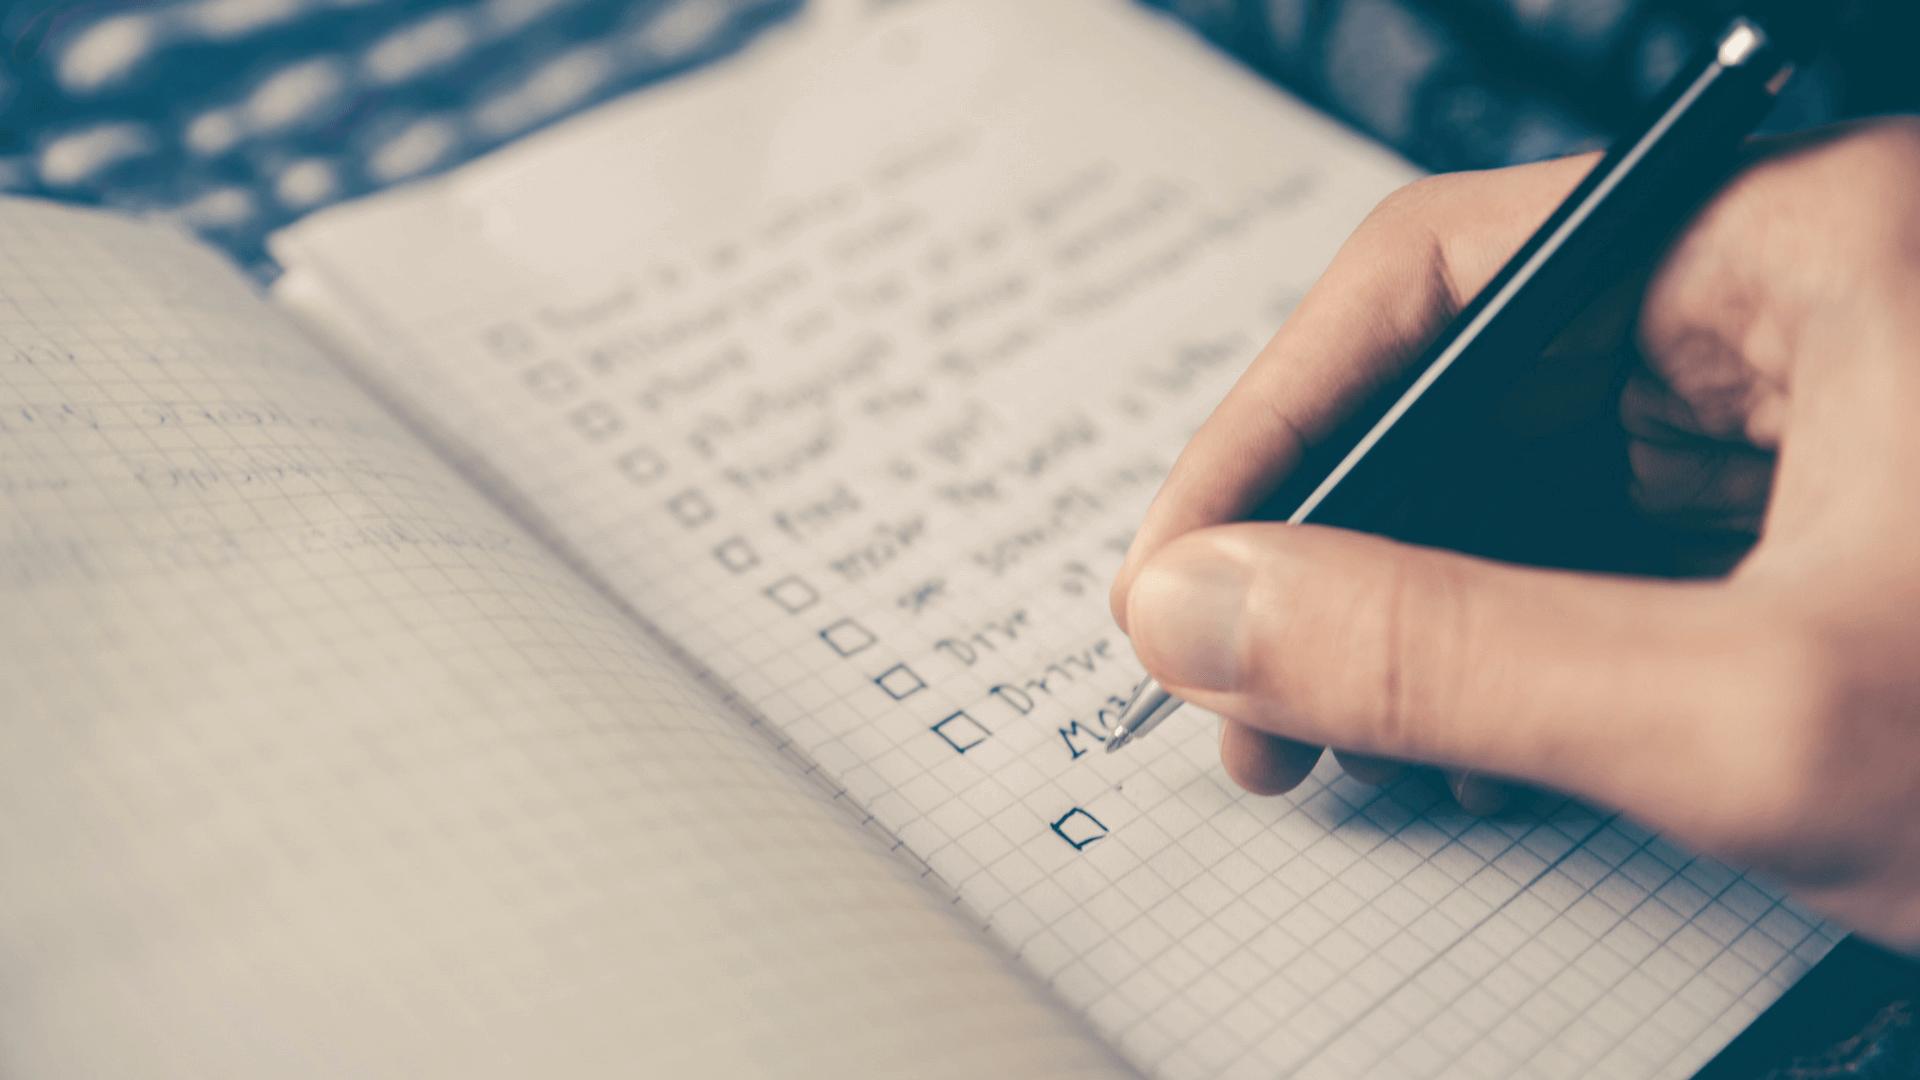 Eisenhower-Methode: So findest du die Aufgaben, die du lieber lassen solltest